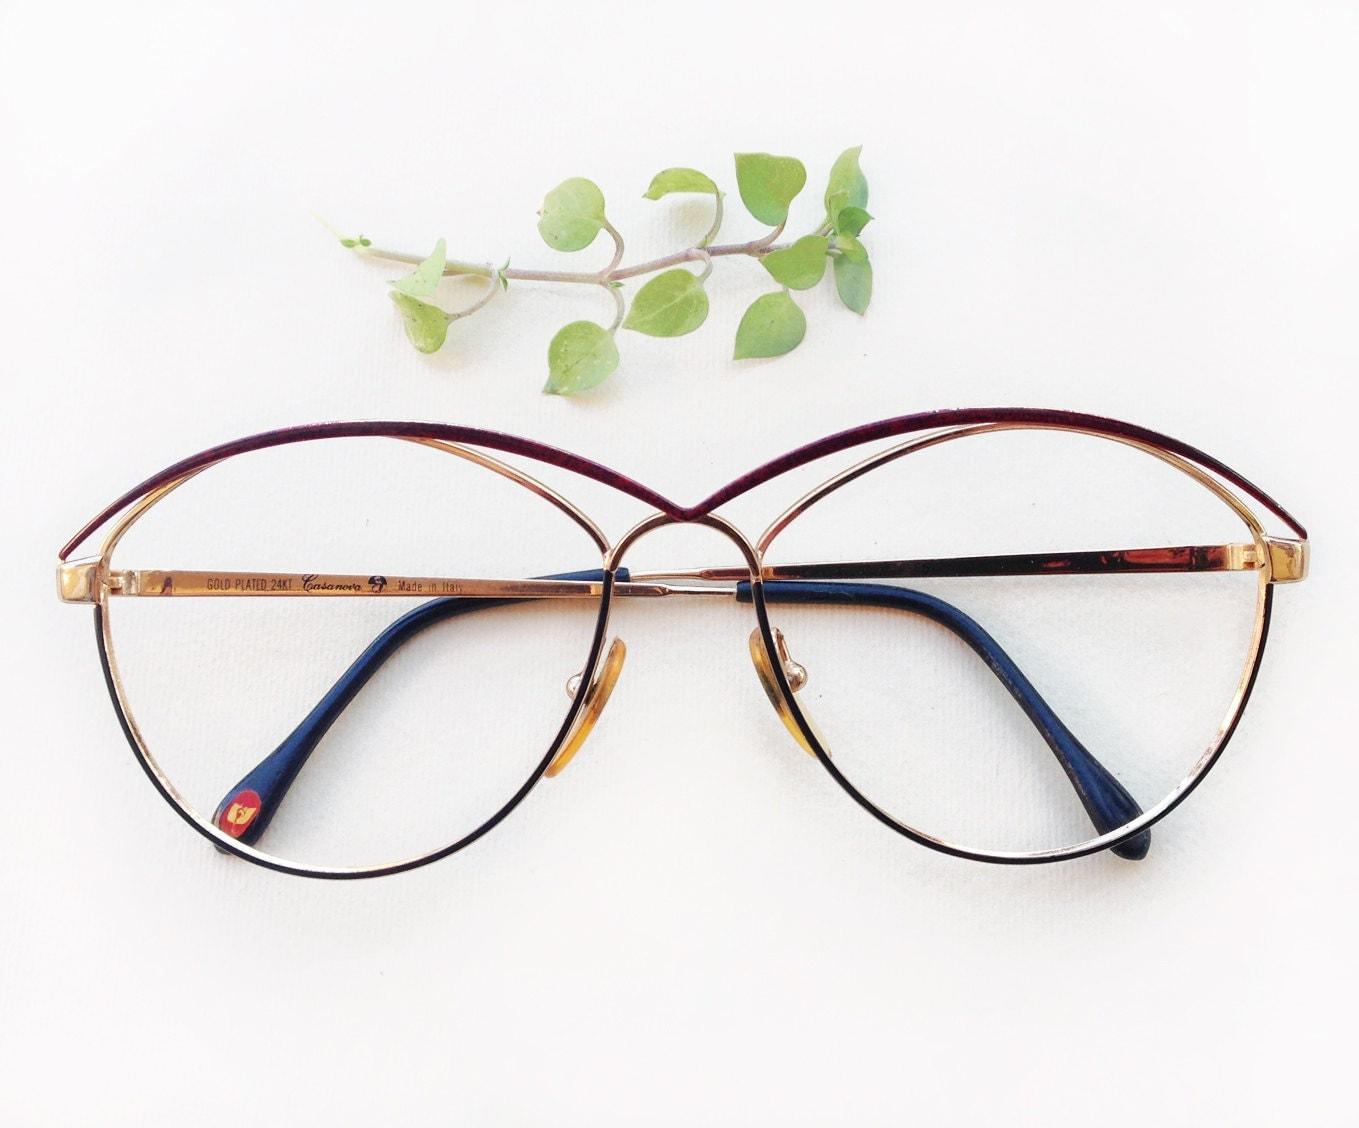 Casanova 24 k gold plated eyeglasses frames rare designer - Mobeldesigner italien ...